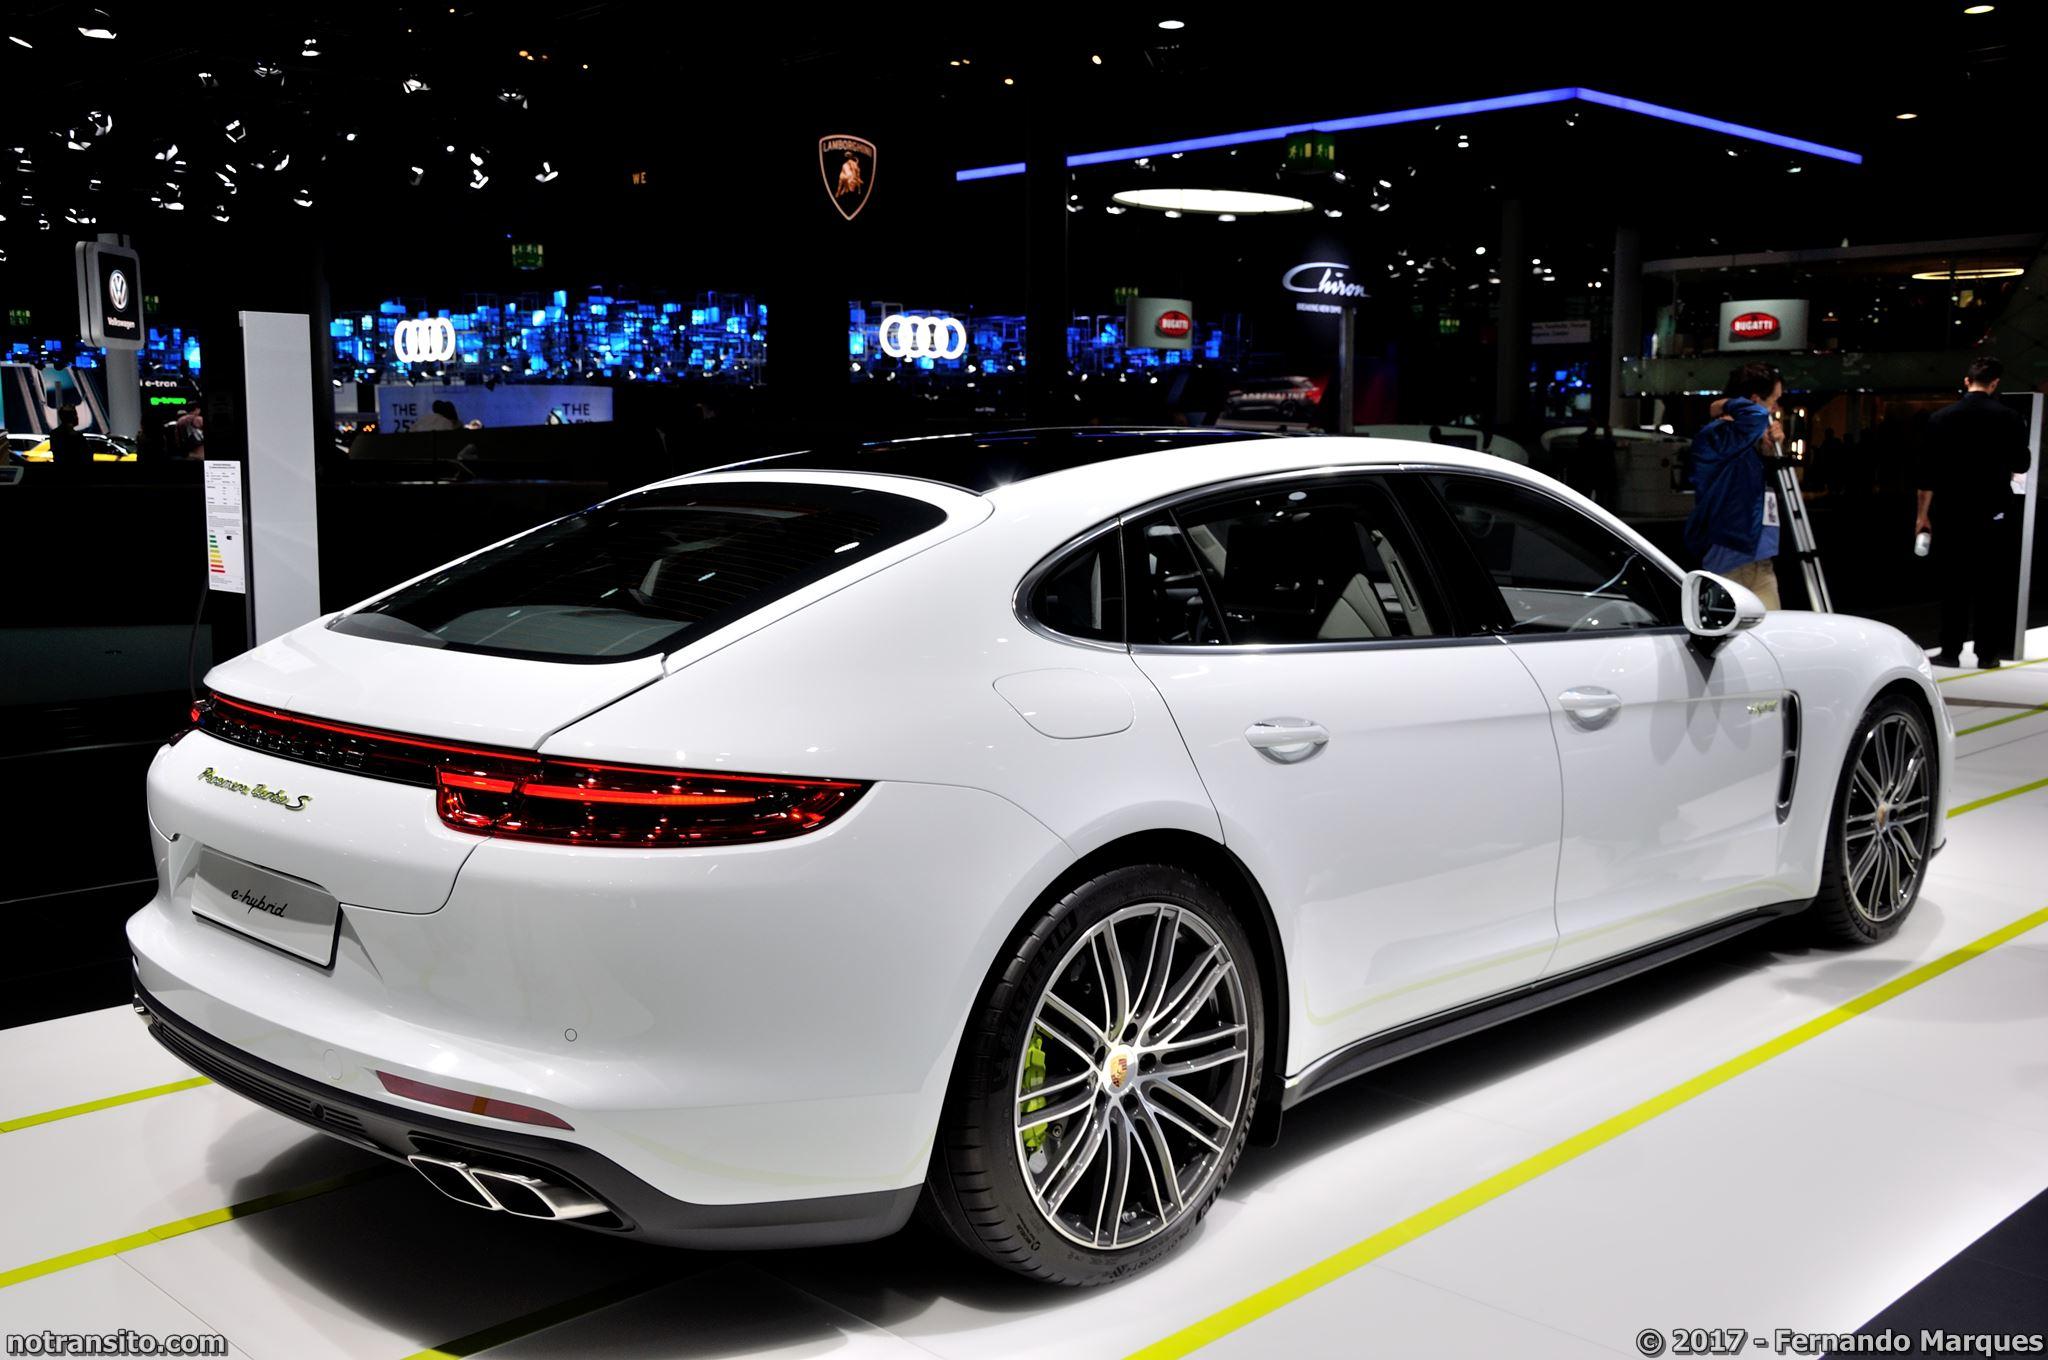 Estande-Porsche-Frankfurt-2017-006